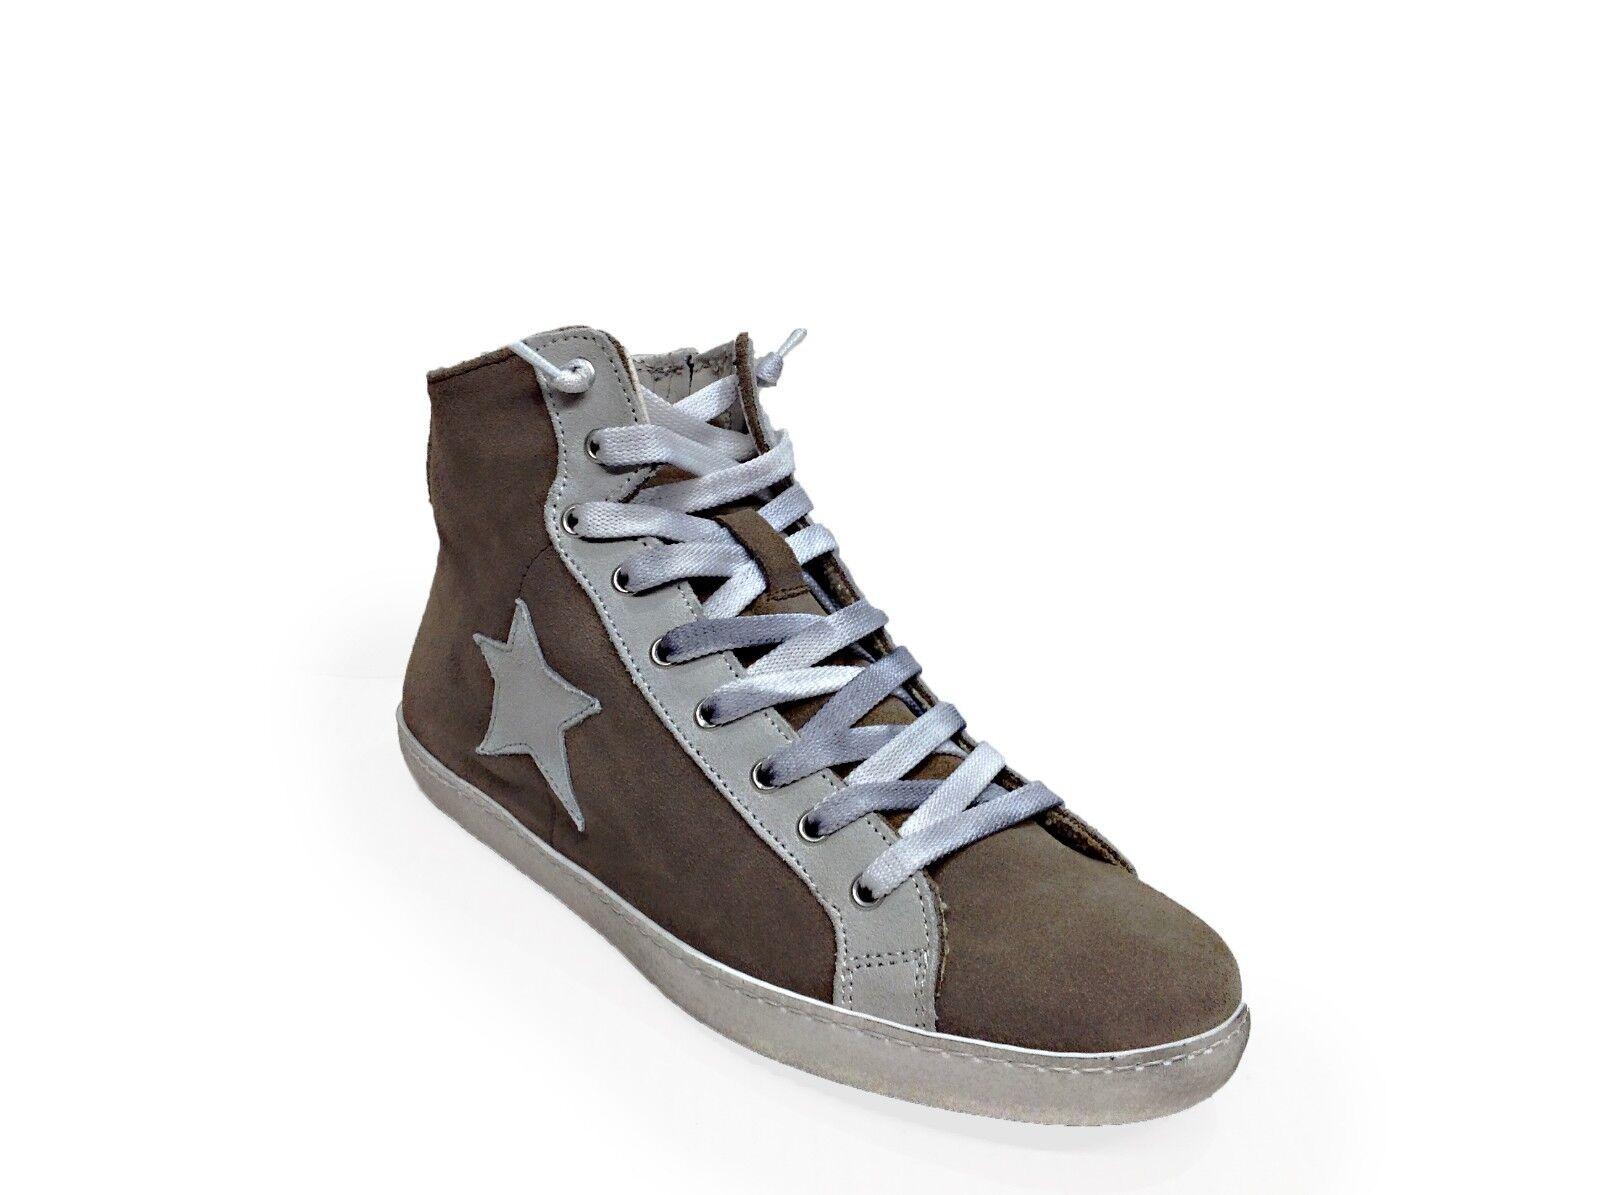 punto vendita Scarpe Scarpe Scarpe scarpe da ginnastica alte uomo Via Condotti taupe stella ghiaccio made in italy  acquista marca